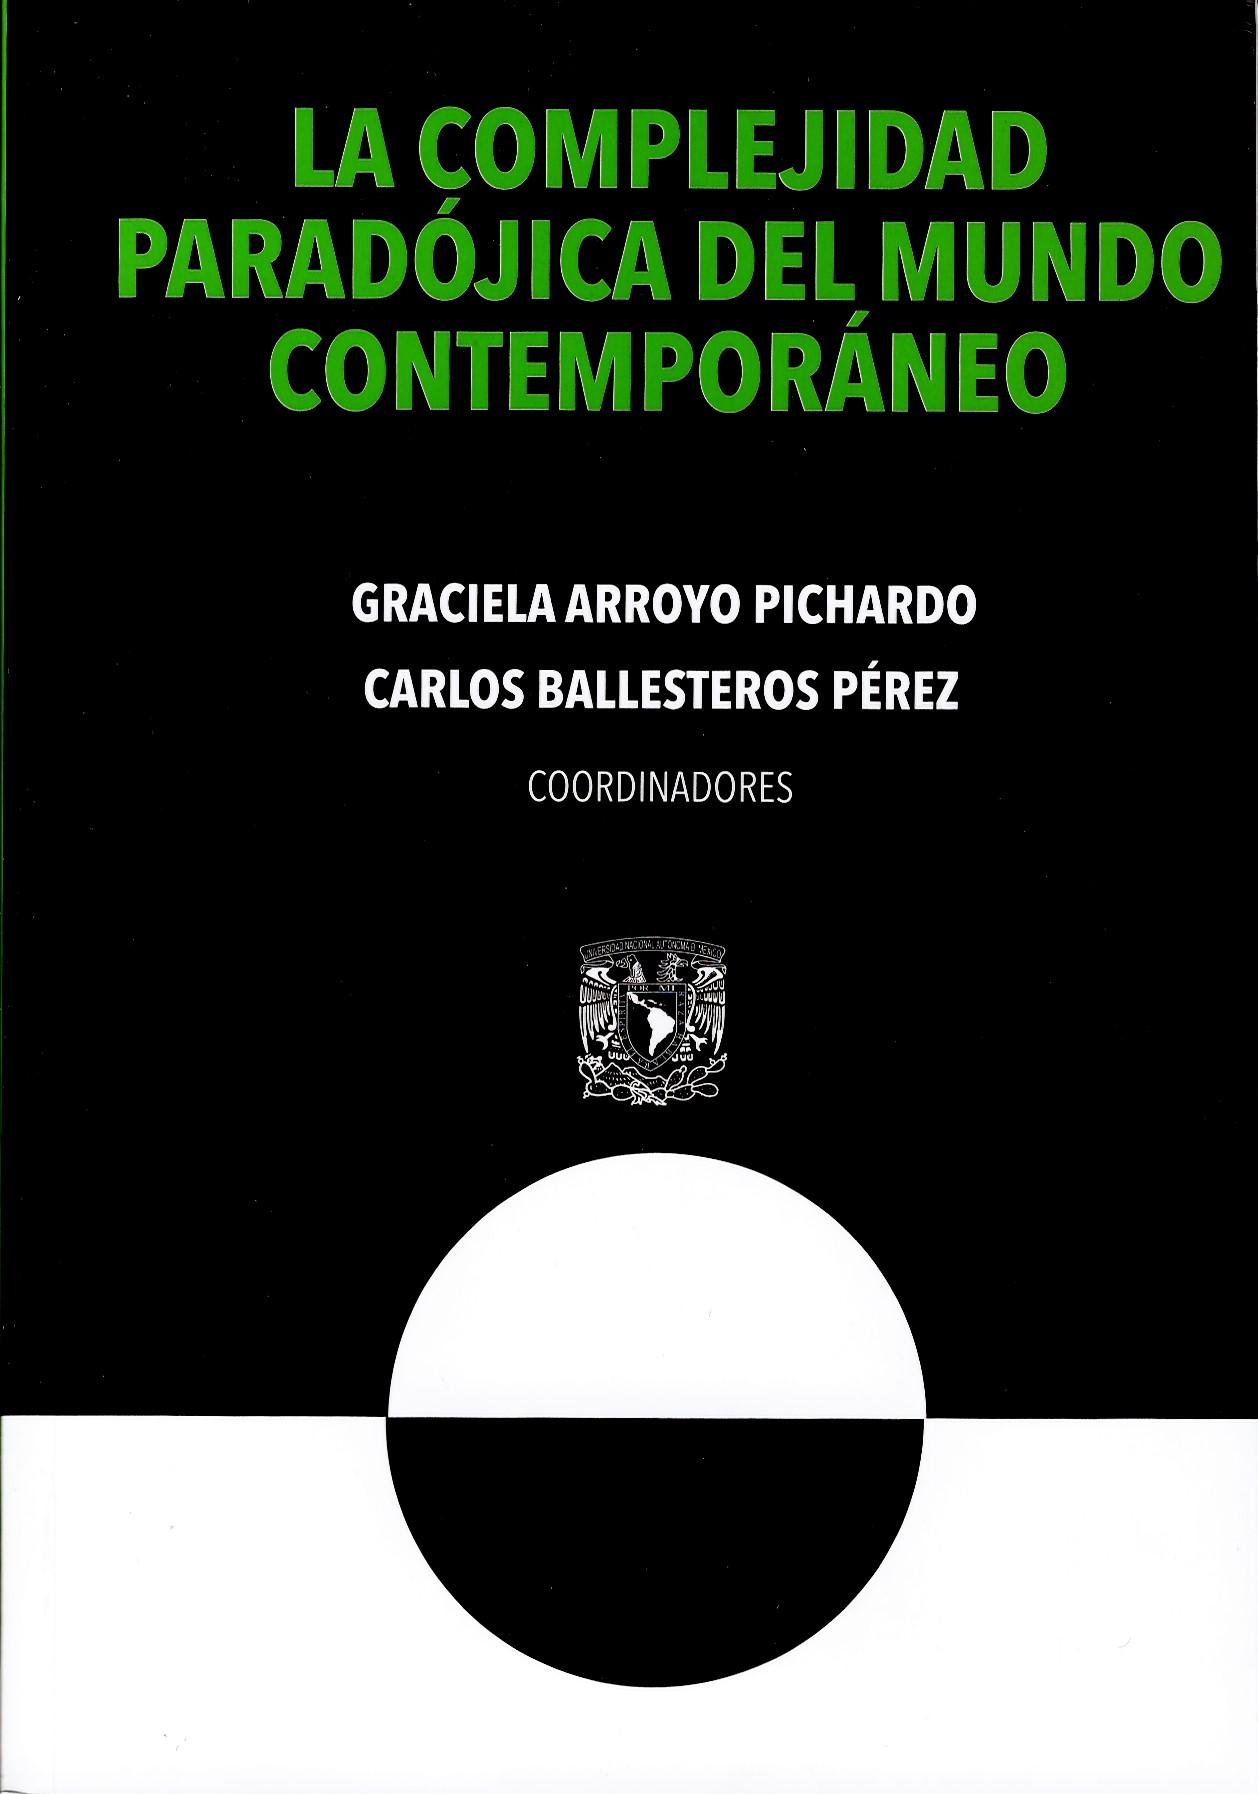 La complejidad paradójica del mundo contemporáneo